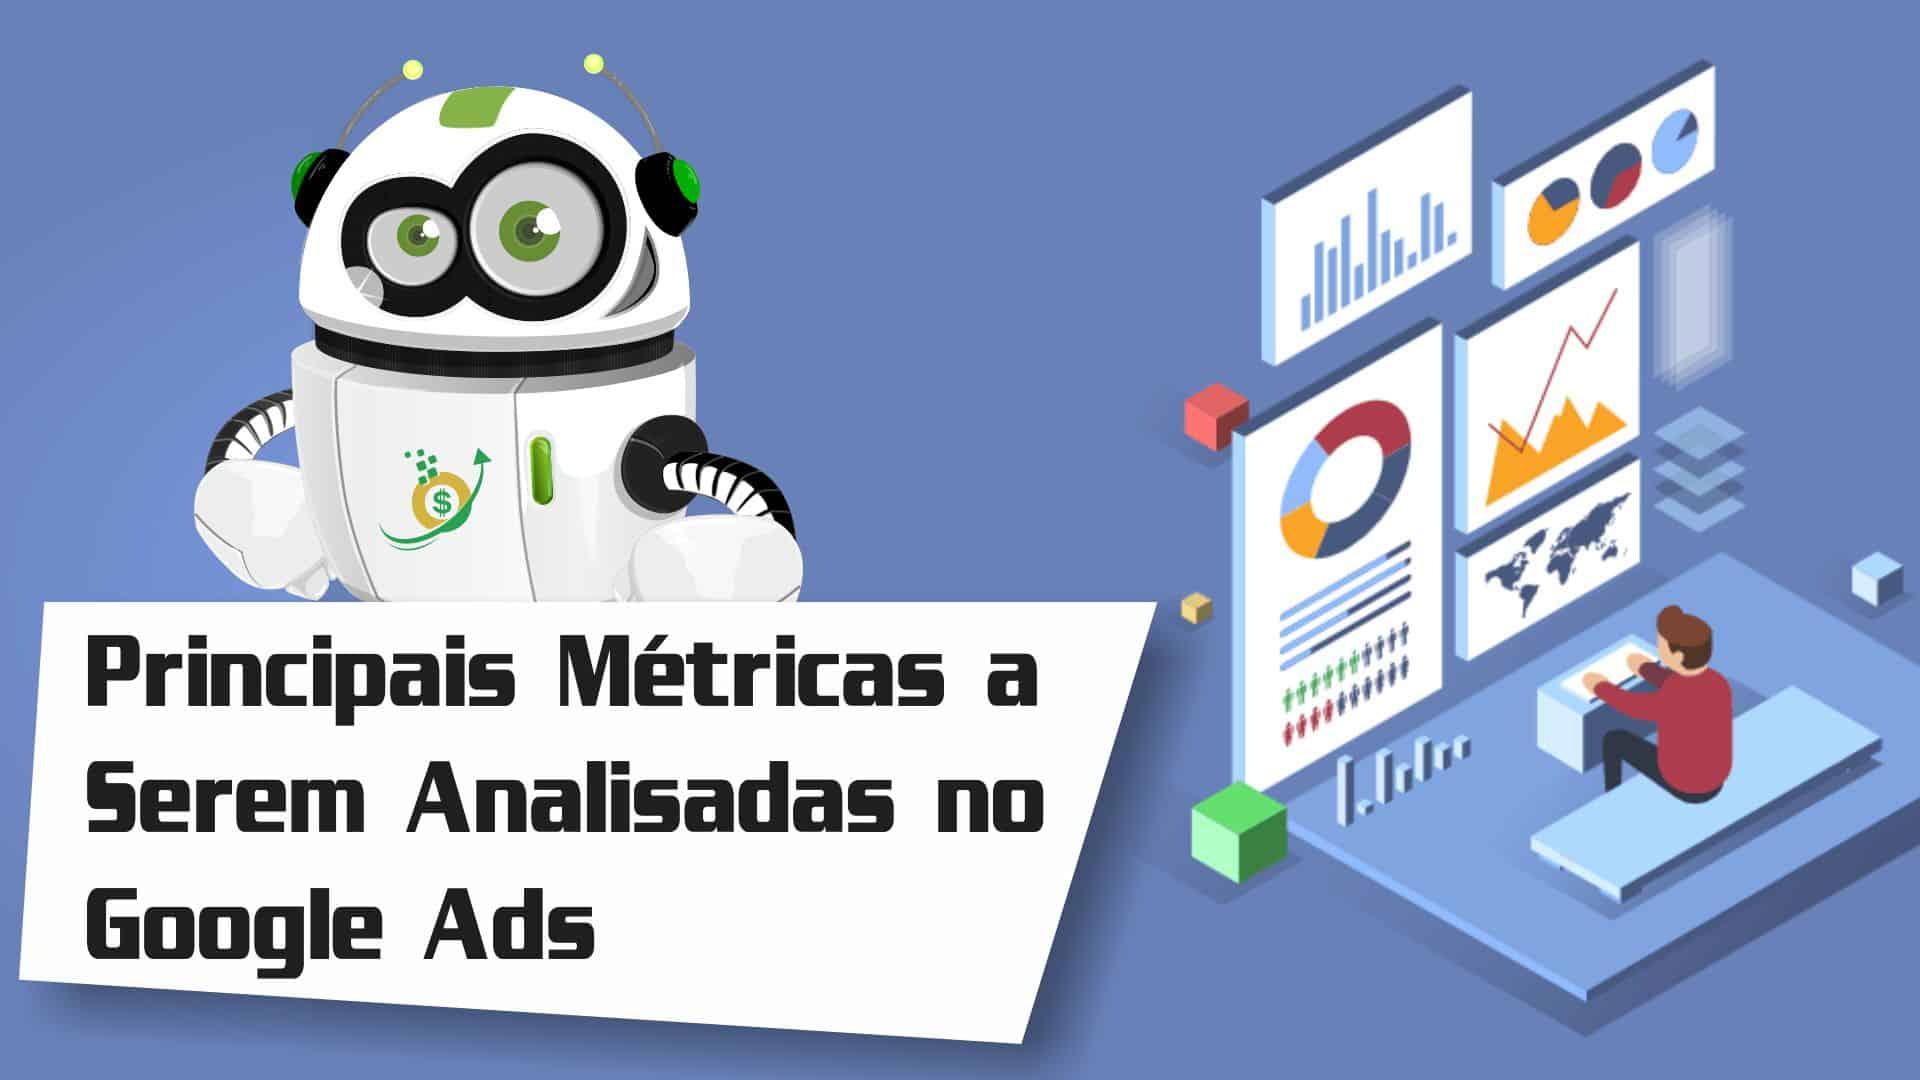 Métricas e Indicadores do Google Ads Essenciais Para Otimizar Sua Campanha (Versão 2021)